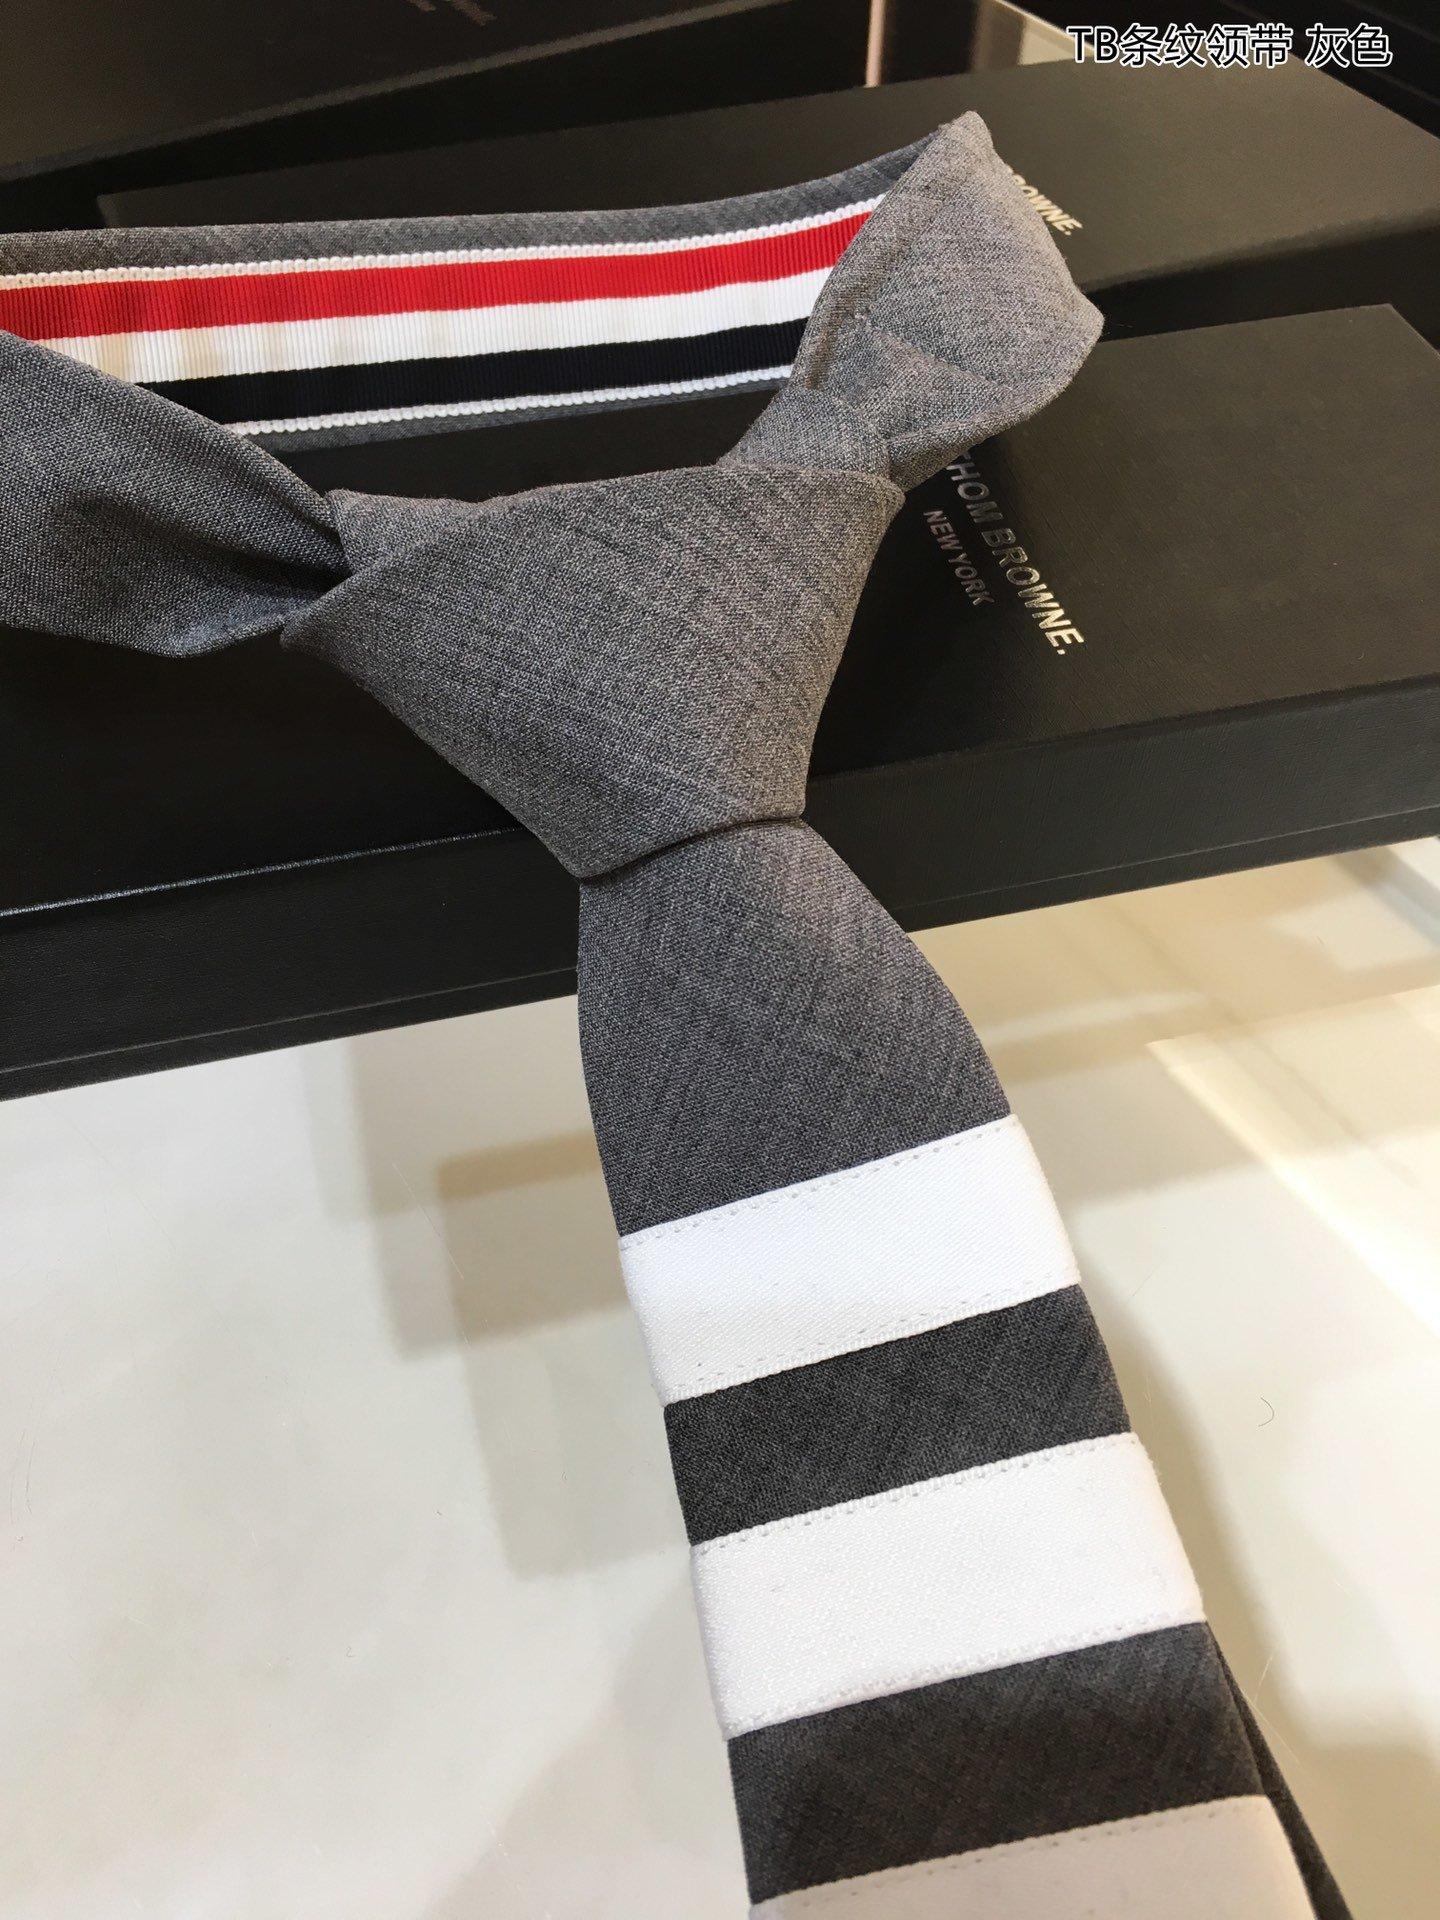 新TB家新款领带配盒子礼品袋订单尾货